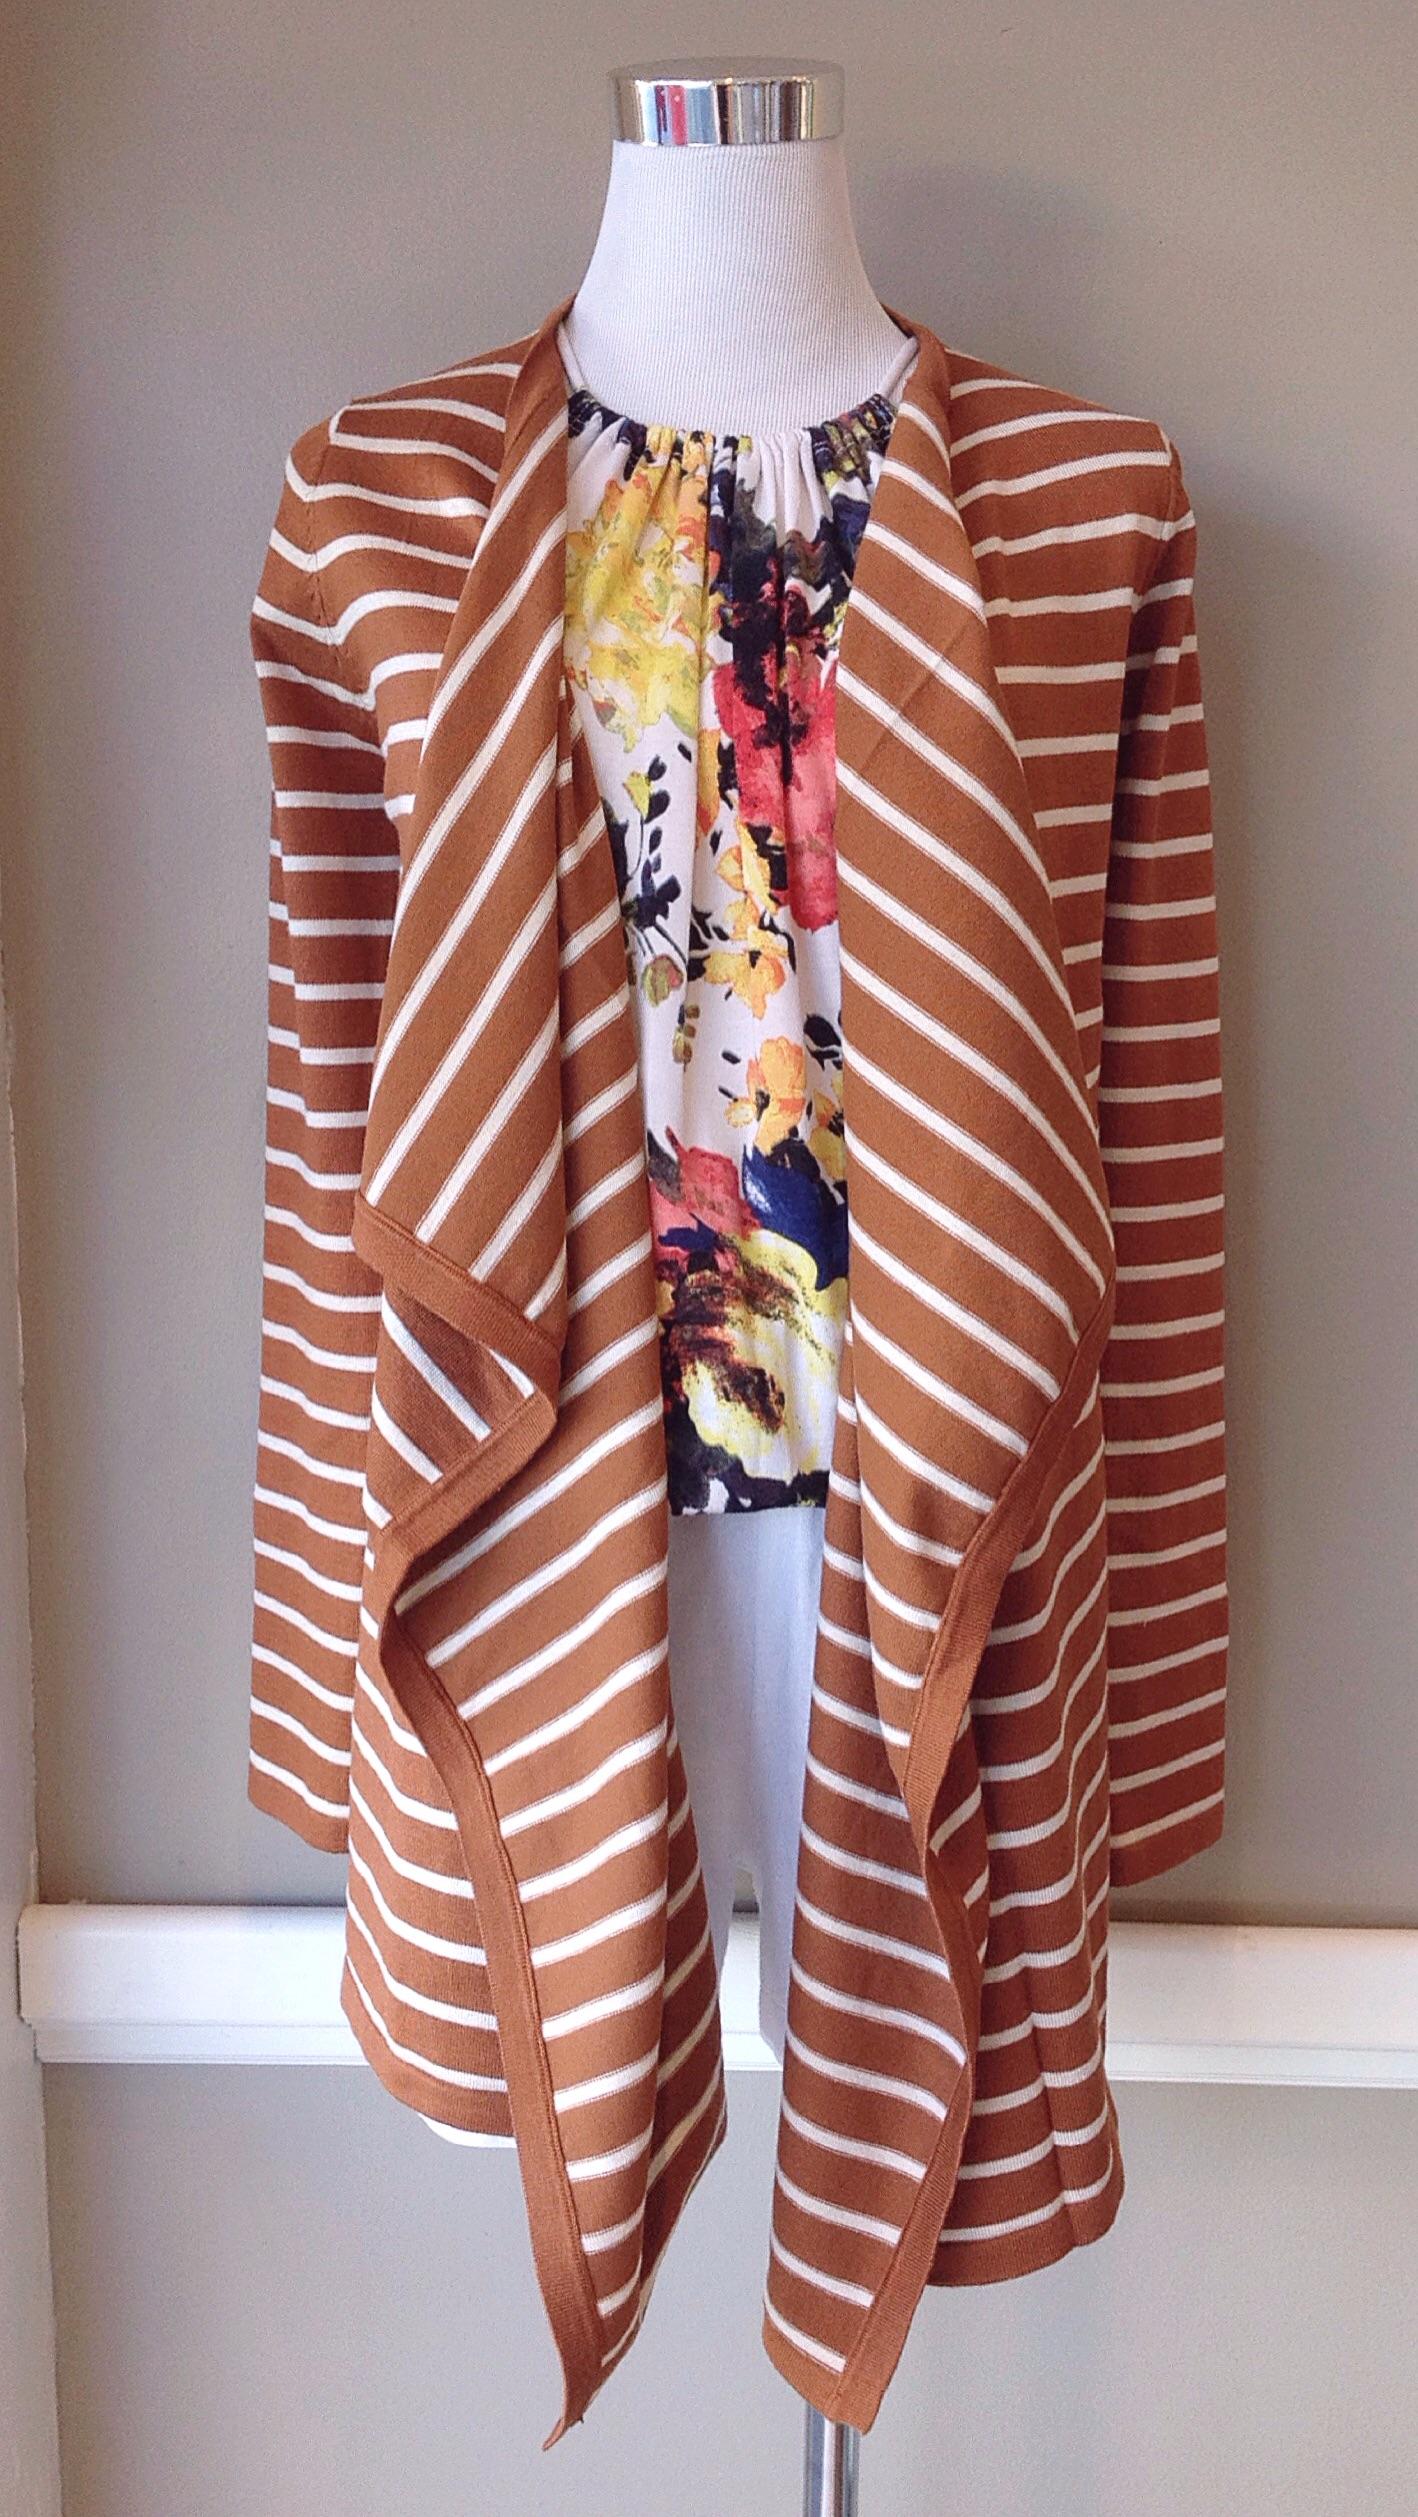 Waterfall drape knit cardigan in honey stripe, $35